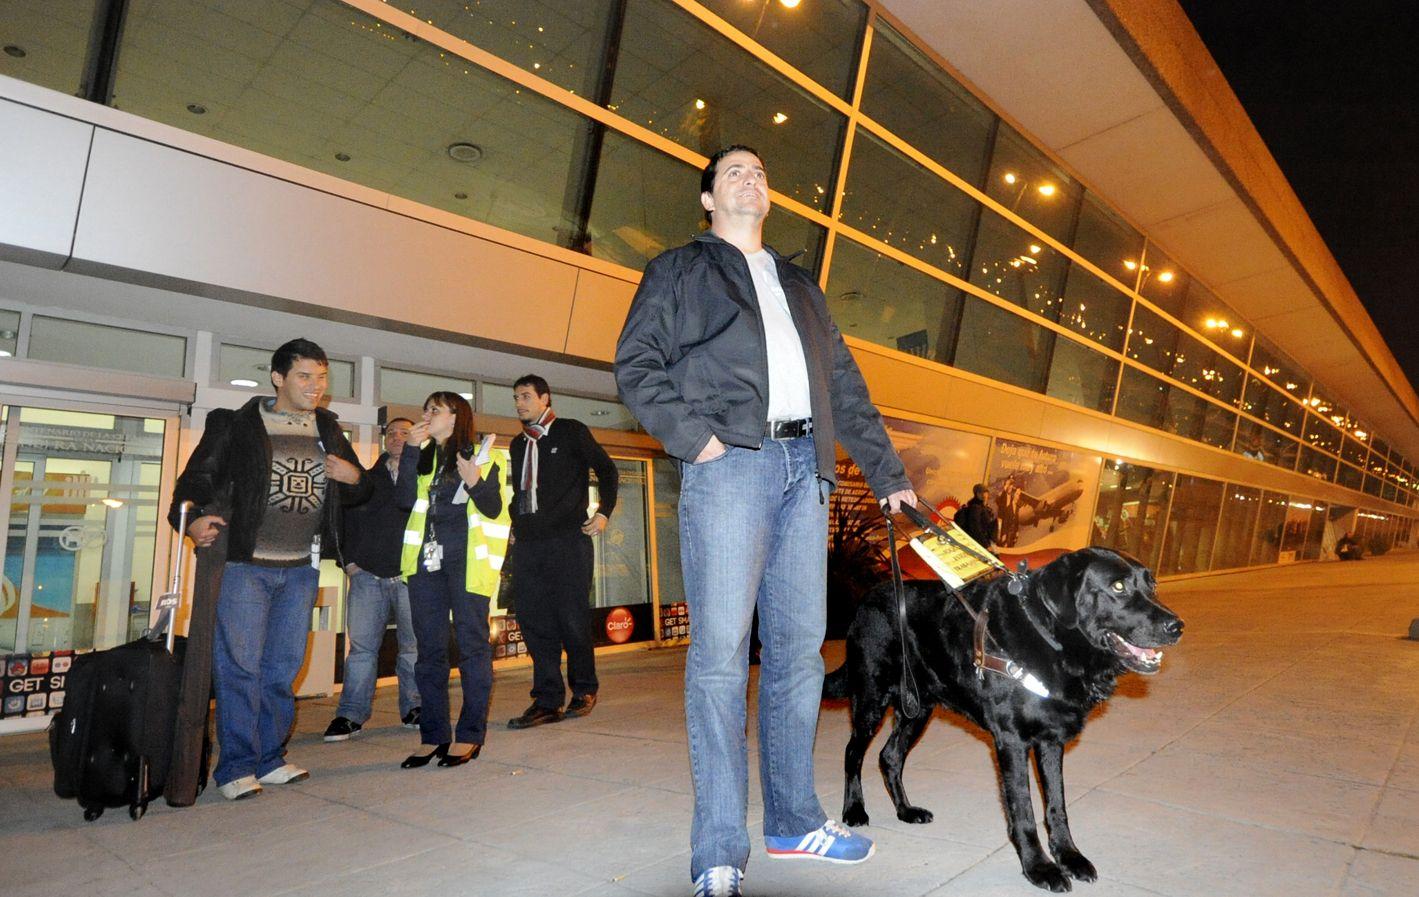 Maximiliano Marc se maneja por la ciudad con su perro guía y fue víctima de la discriminación cuando pretendió abordar un taxi en el centro y el conductor lo echó del vehículo a los empujones